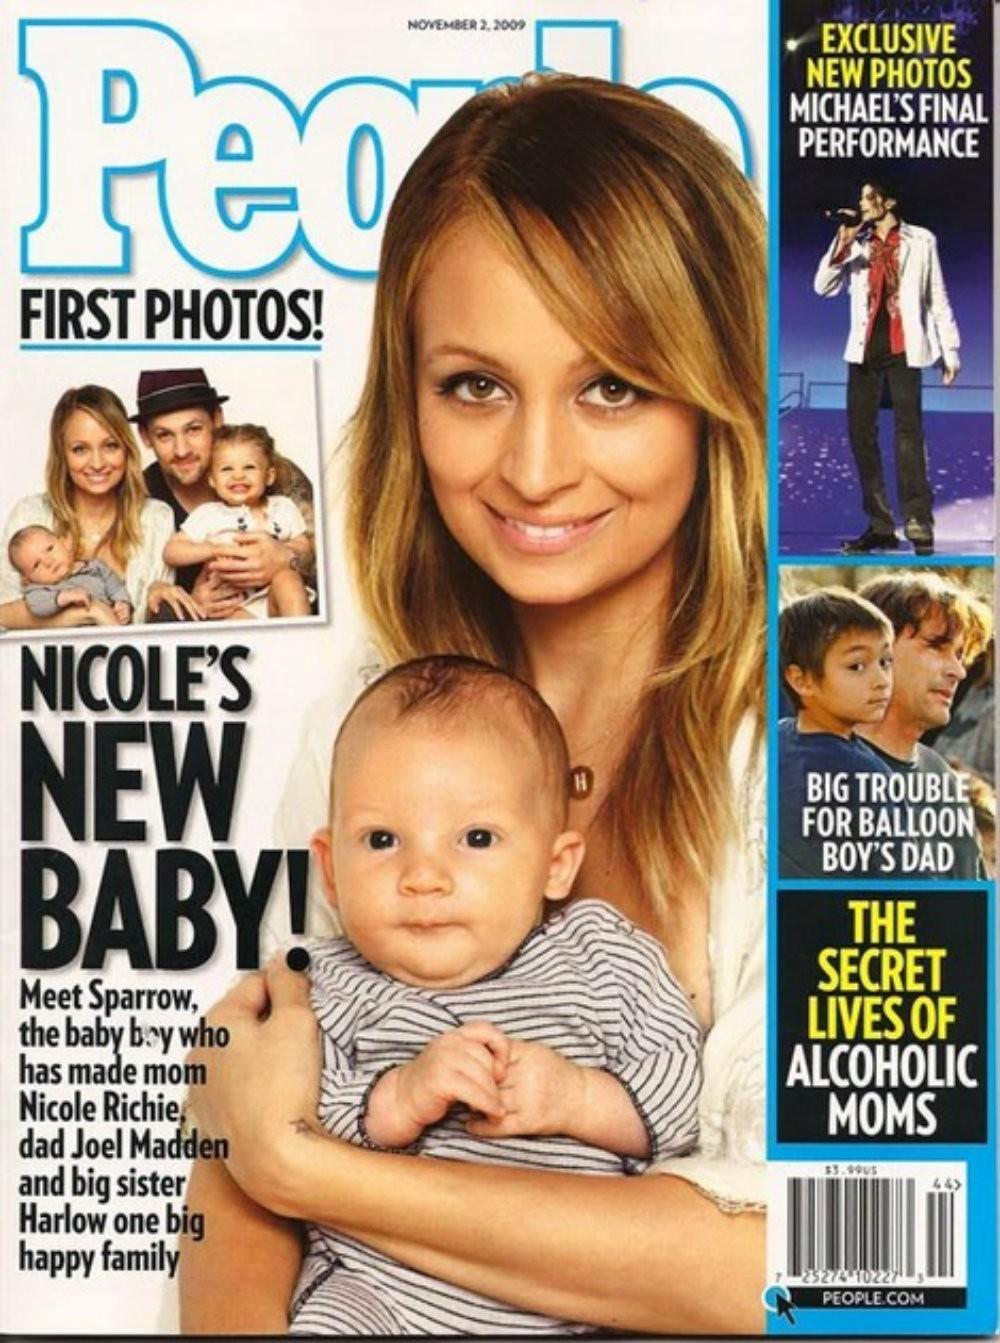 Capa da revista People com Nicole Richie e Harlow Winter Madden (Foto: Reprodução)